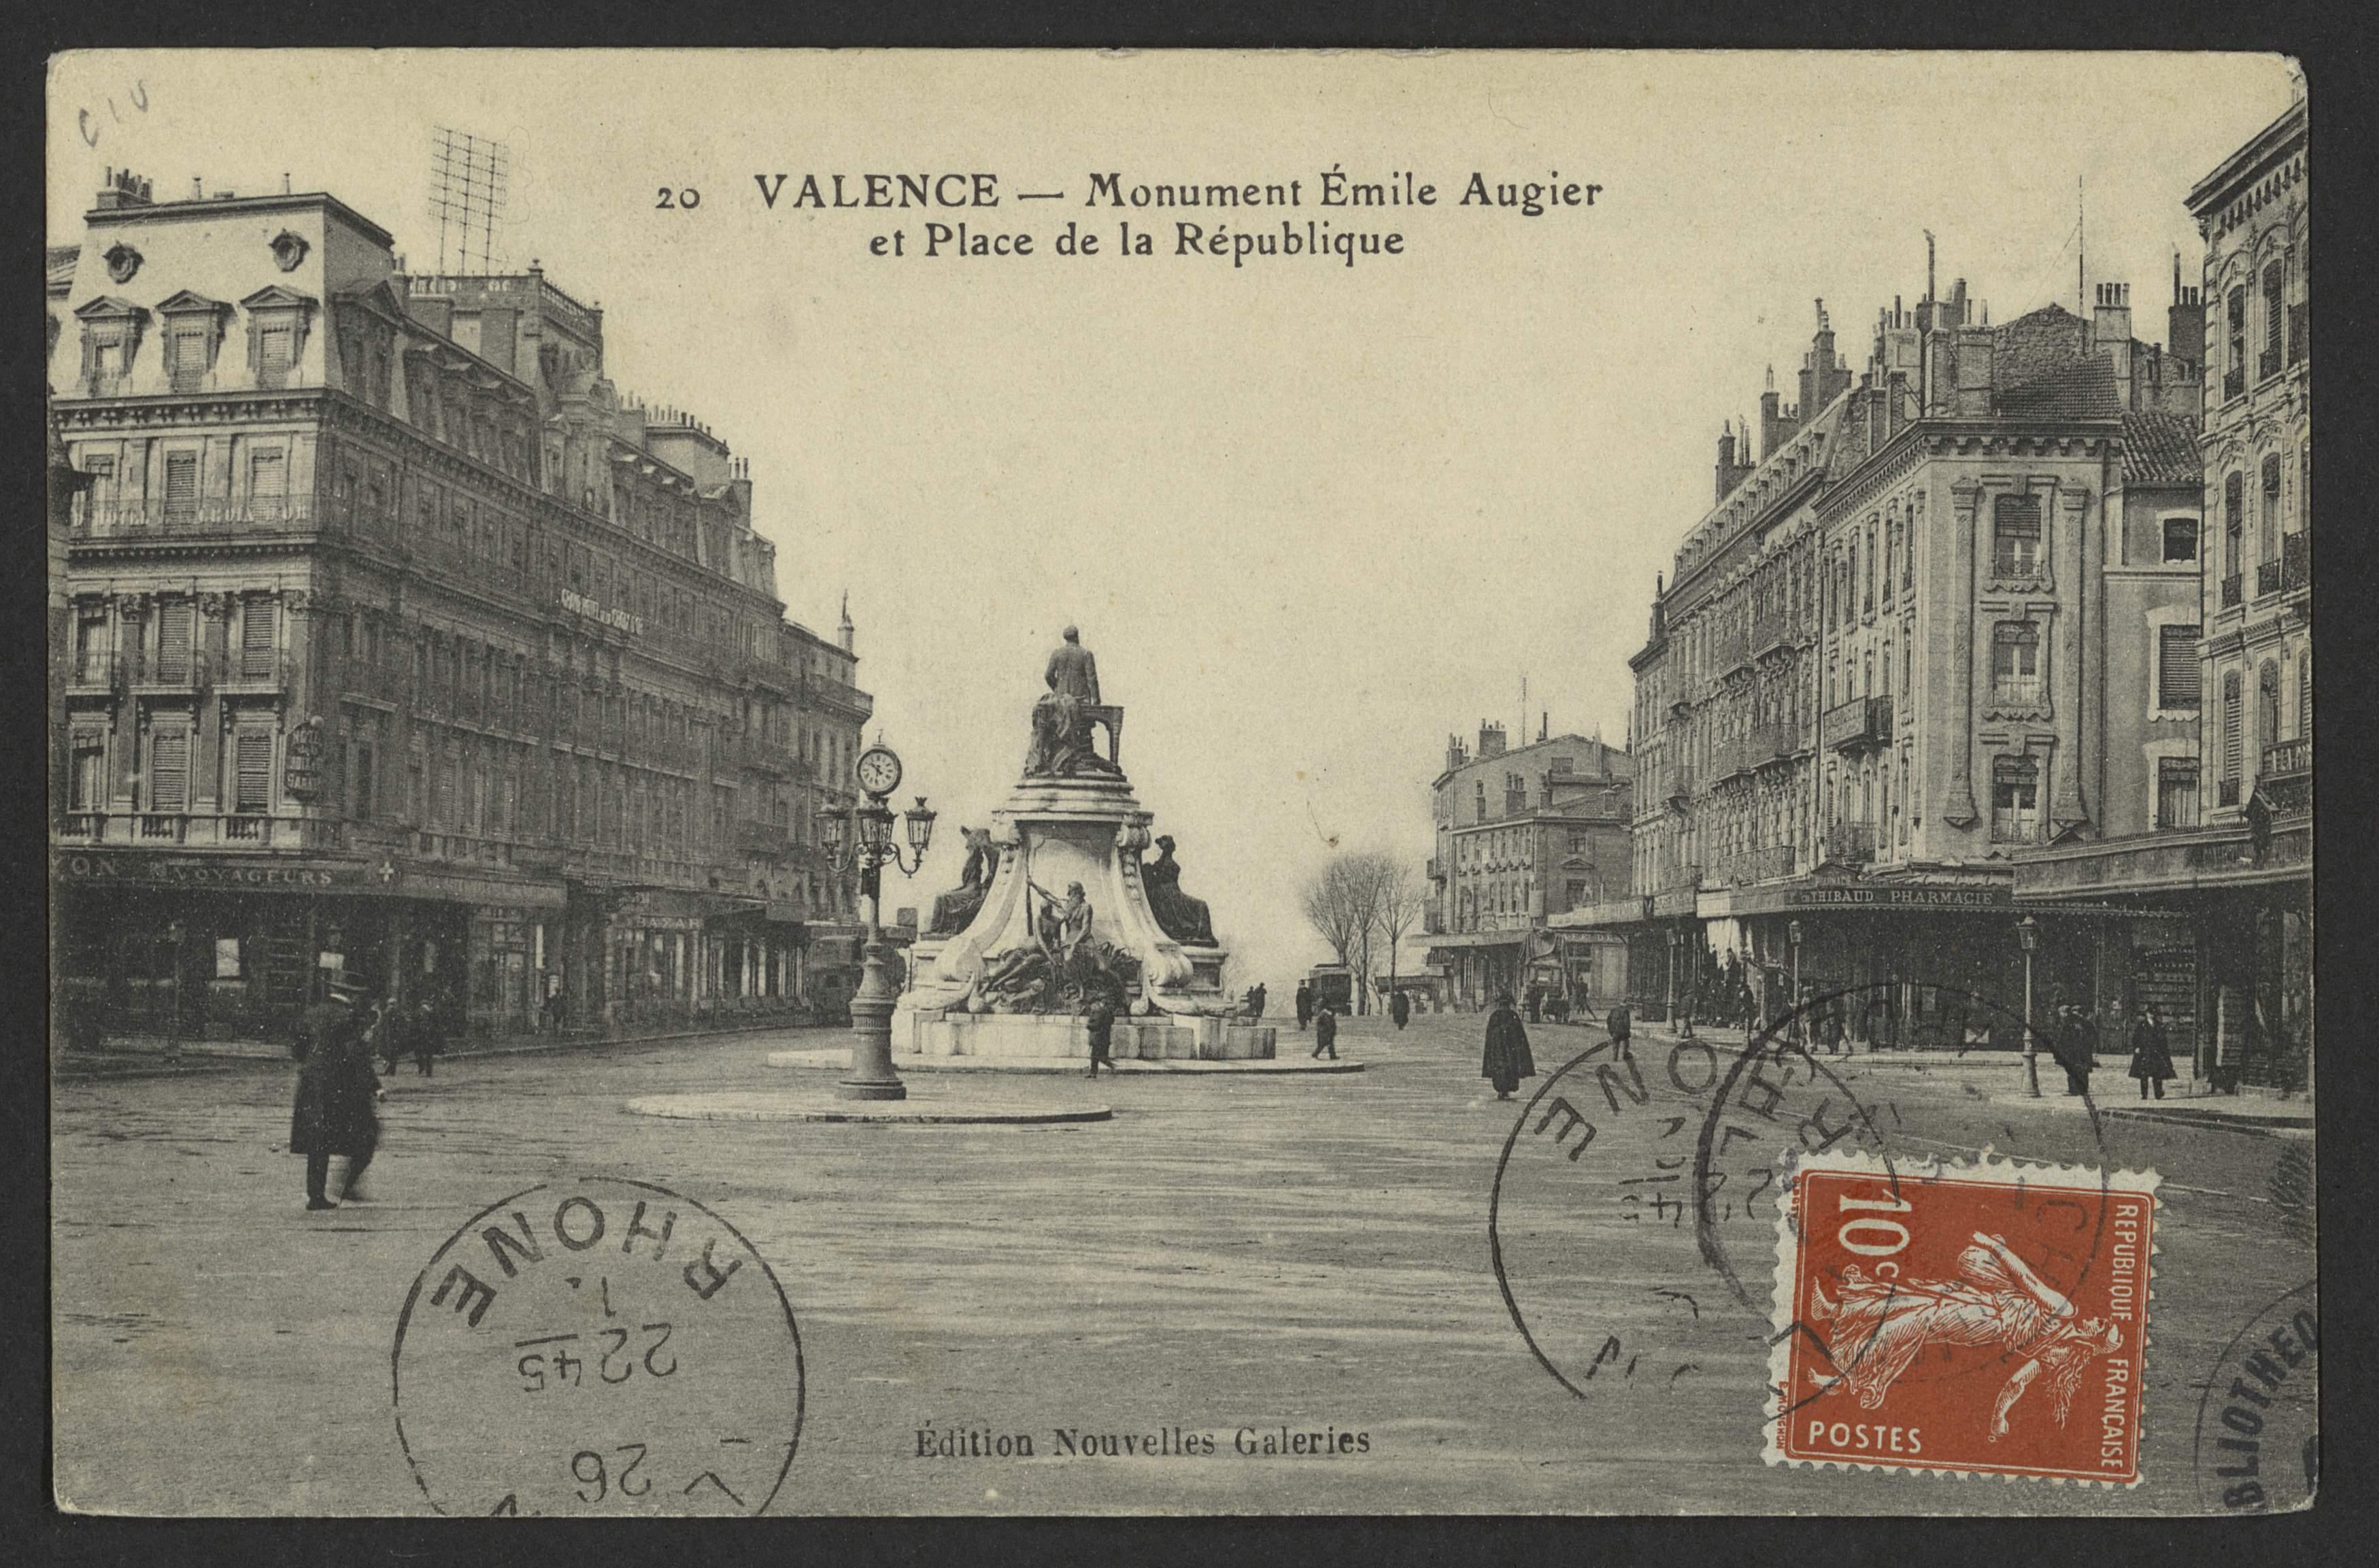 Valence - Monument Émile Augier et Place de la République